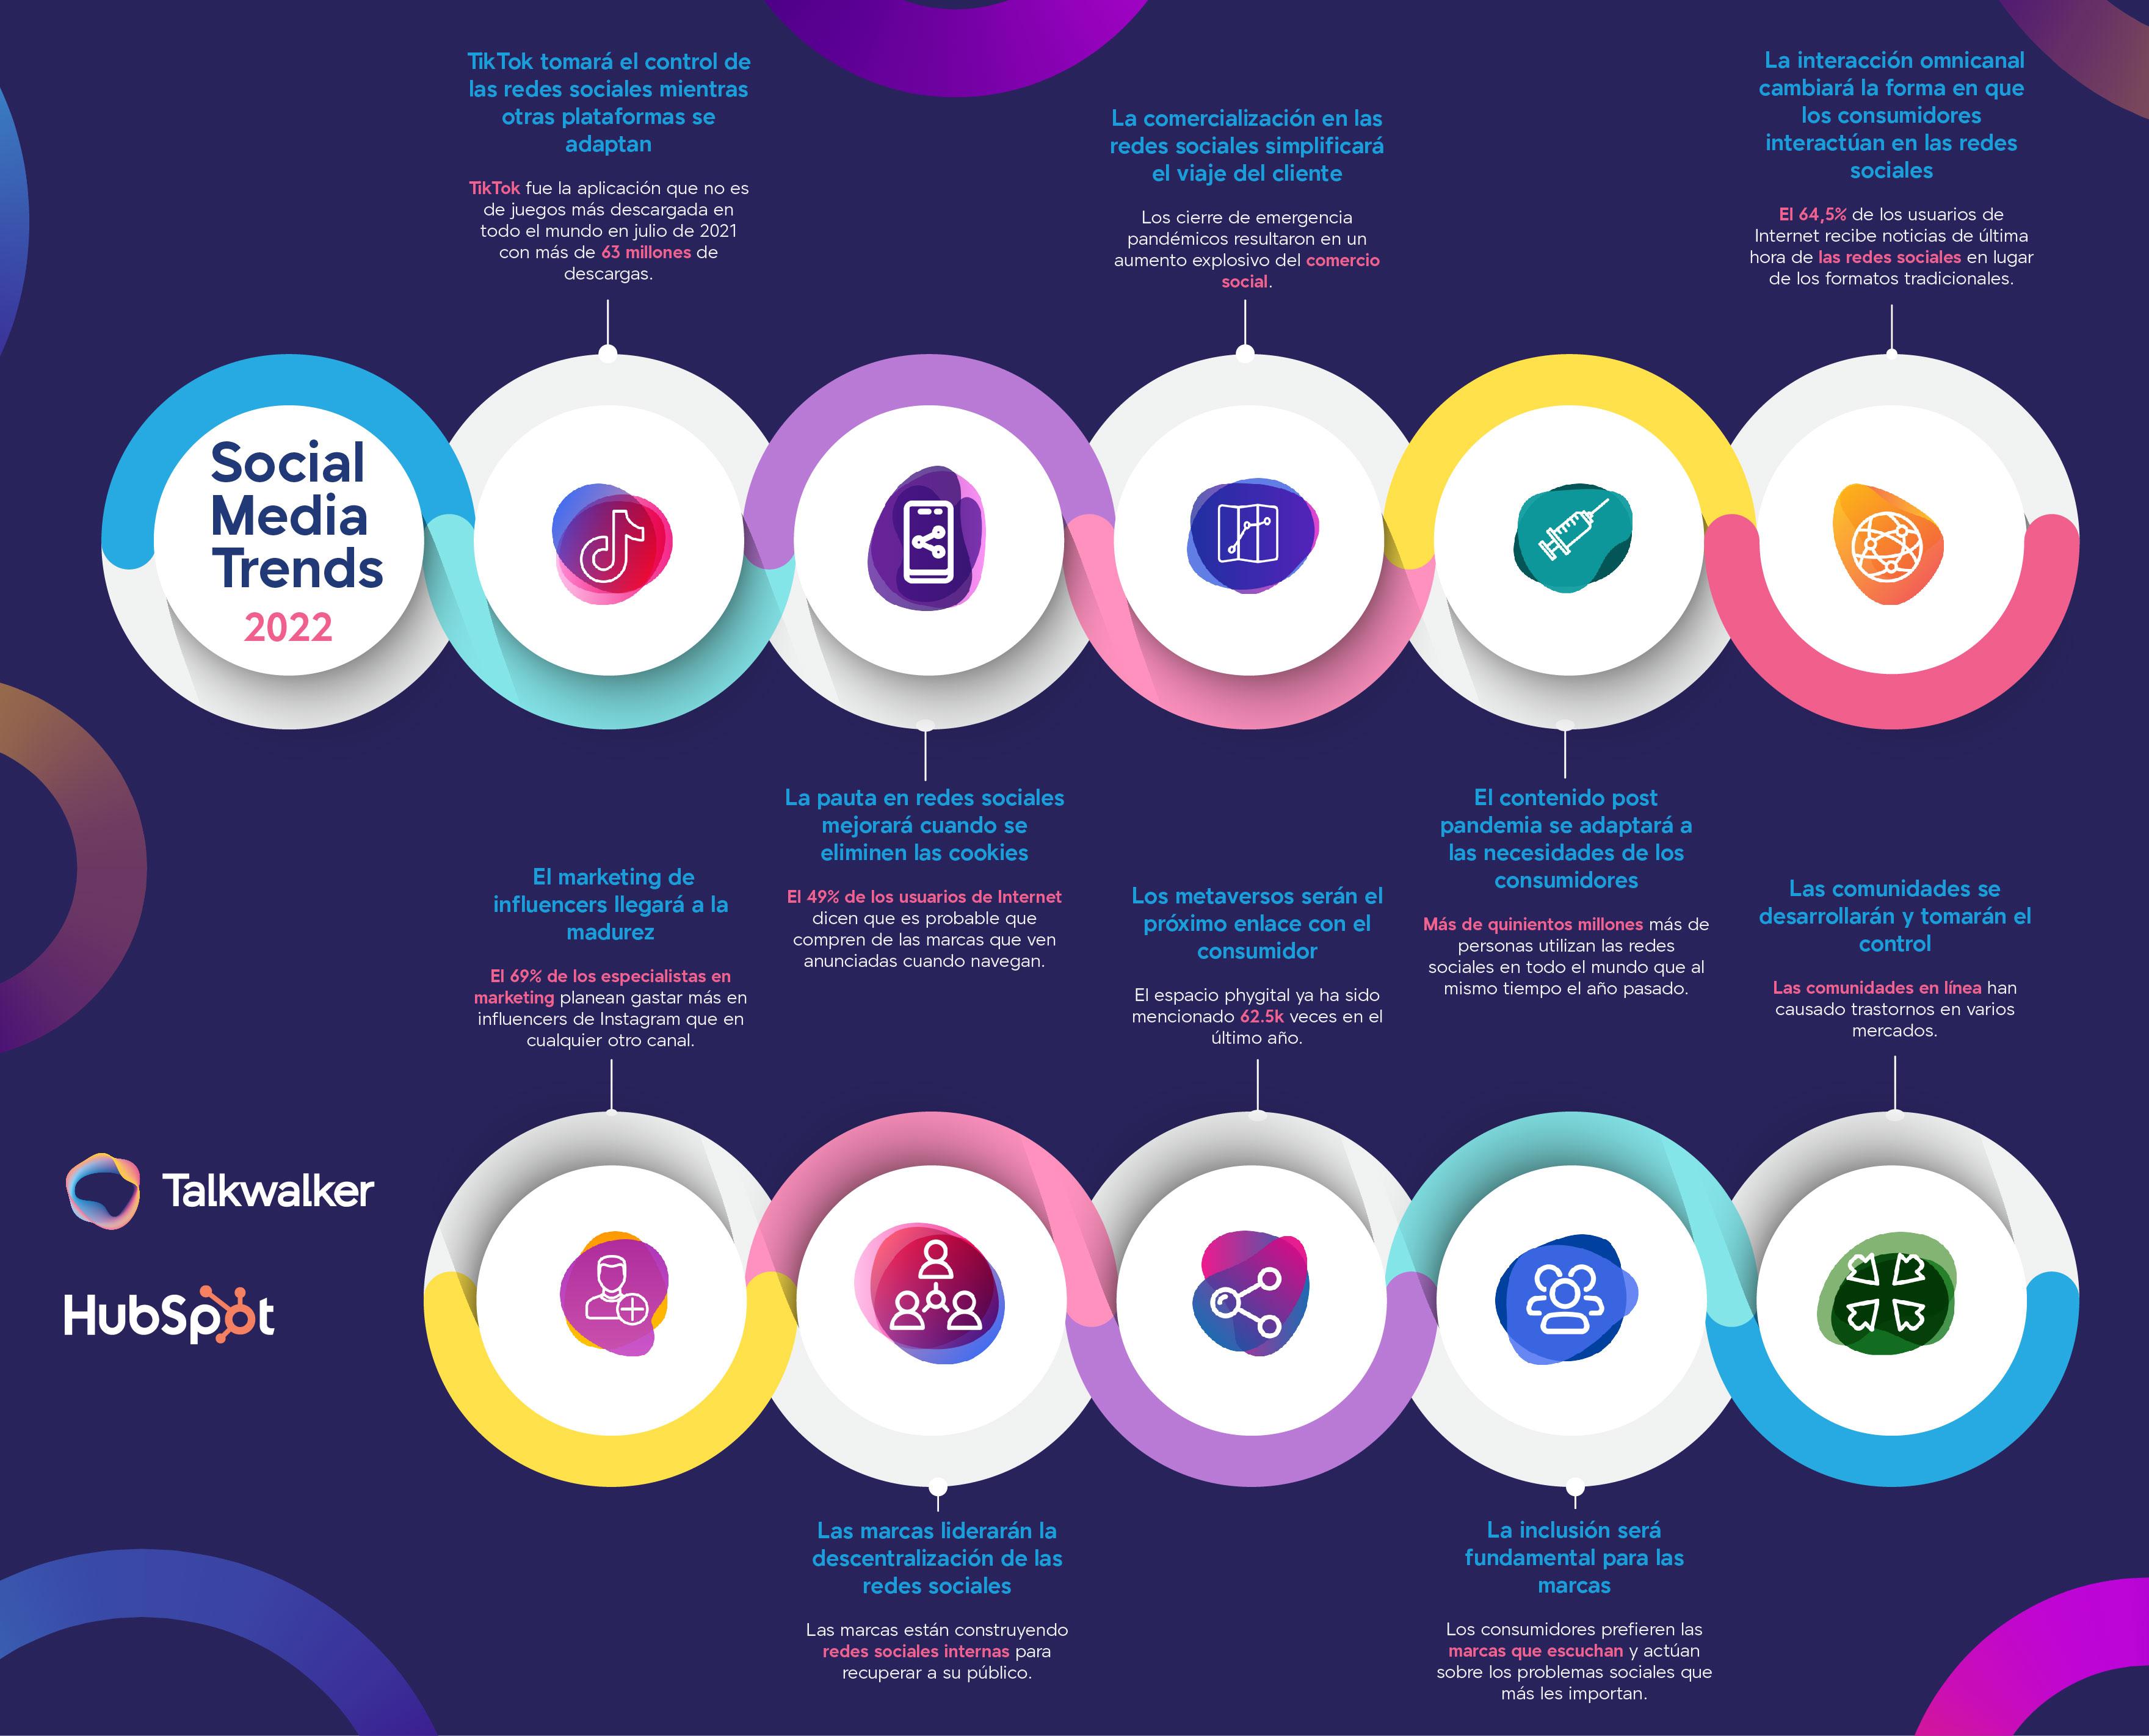 Talkwalker y HubSpot definen las tendencias en las redes sociales en 2022